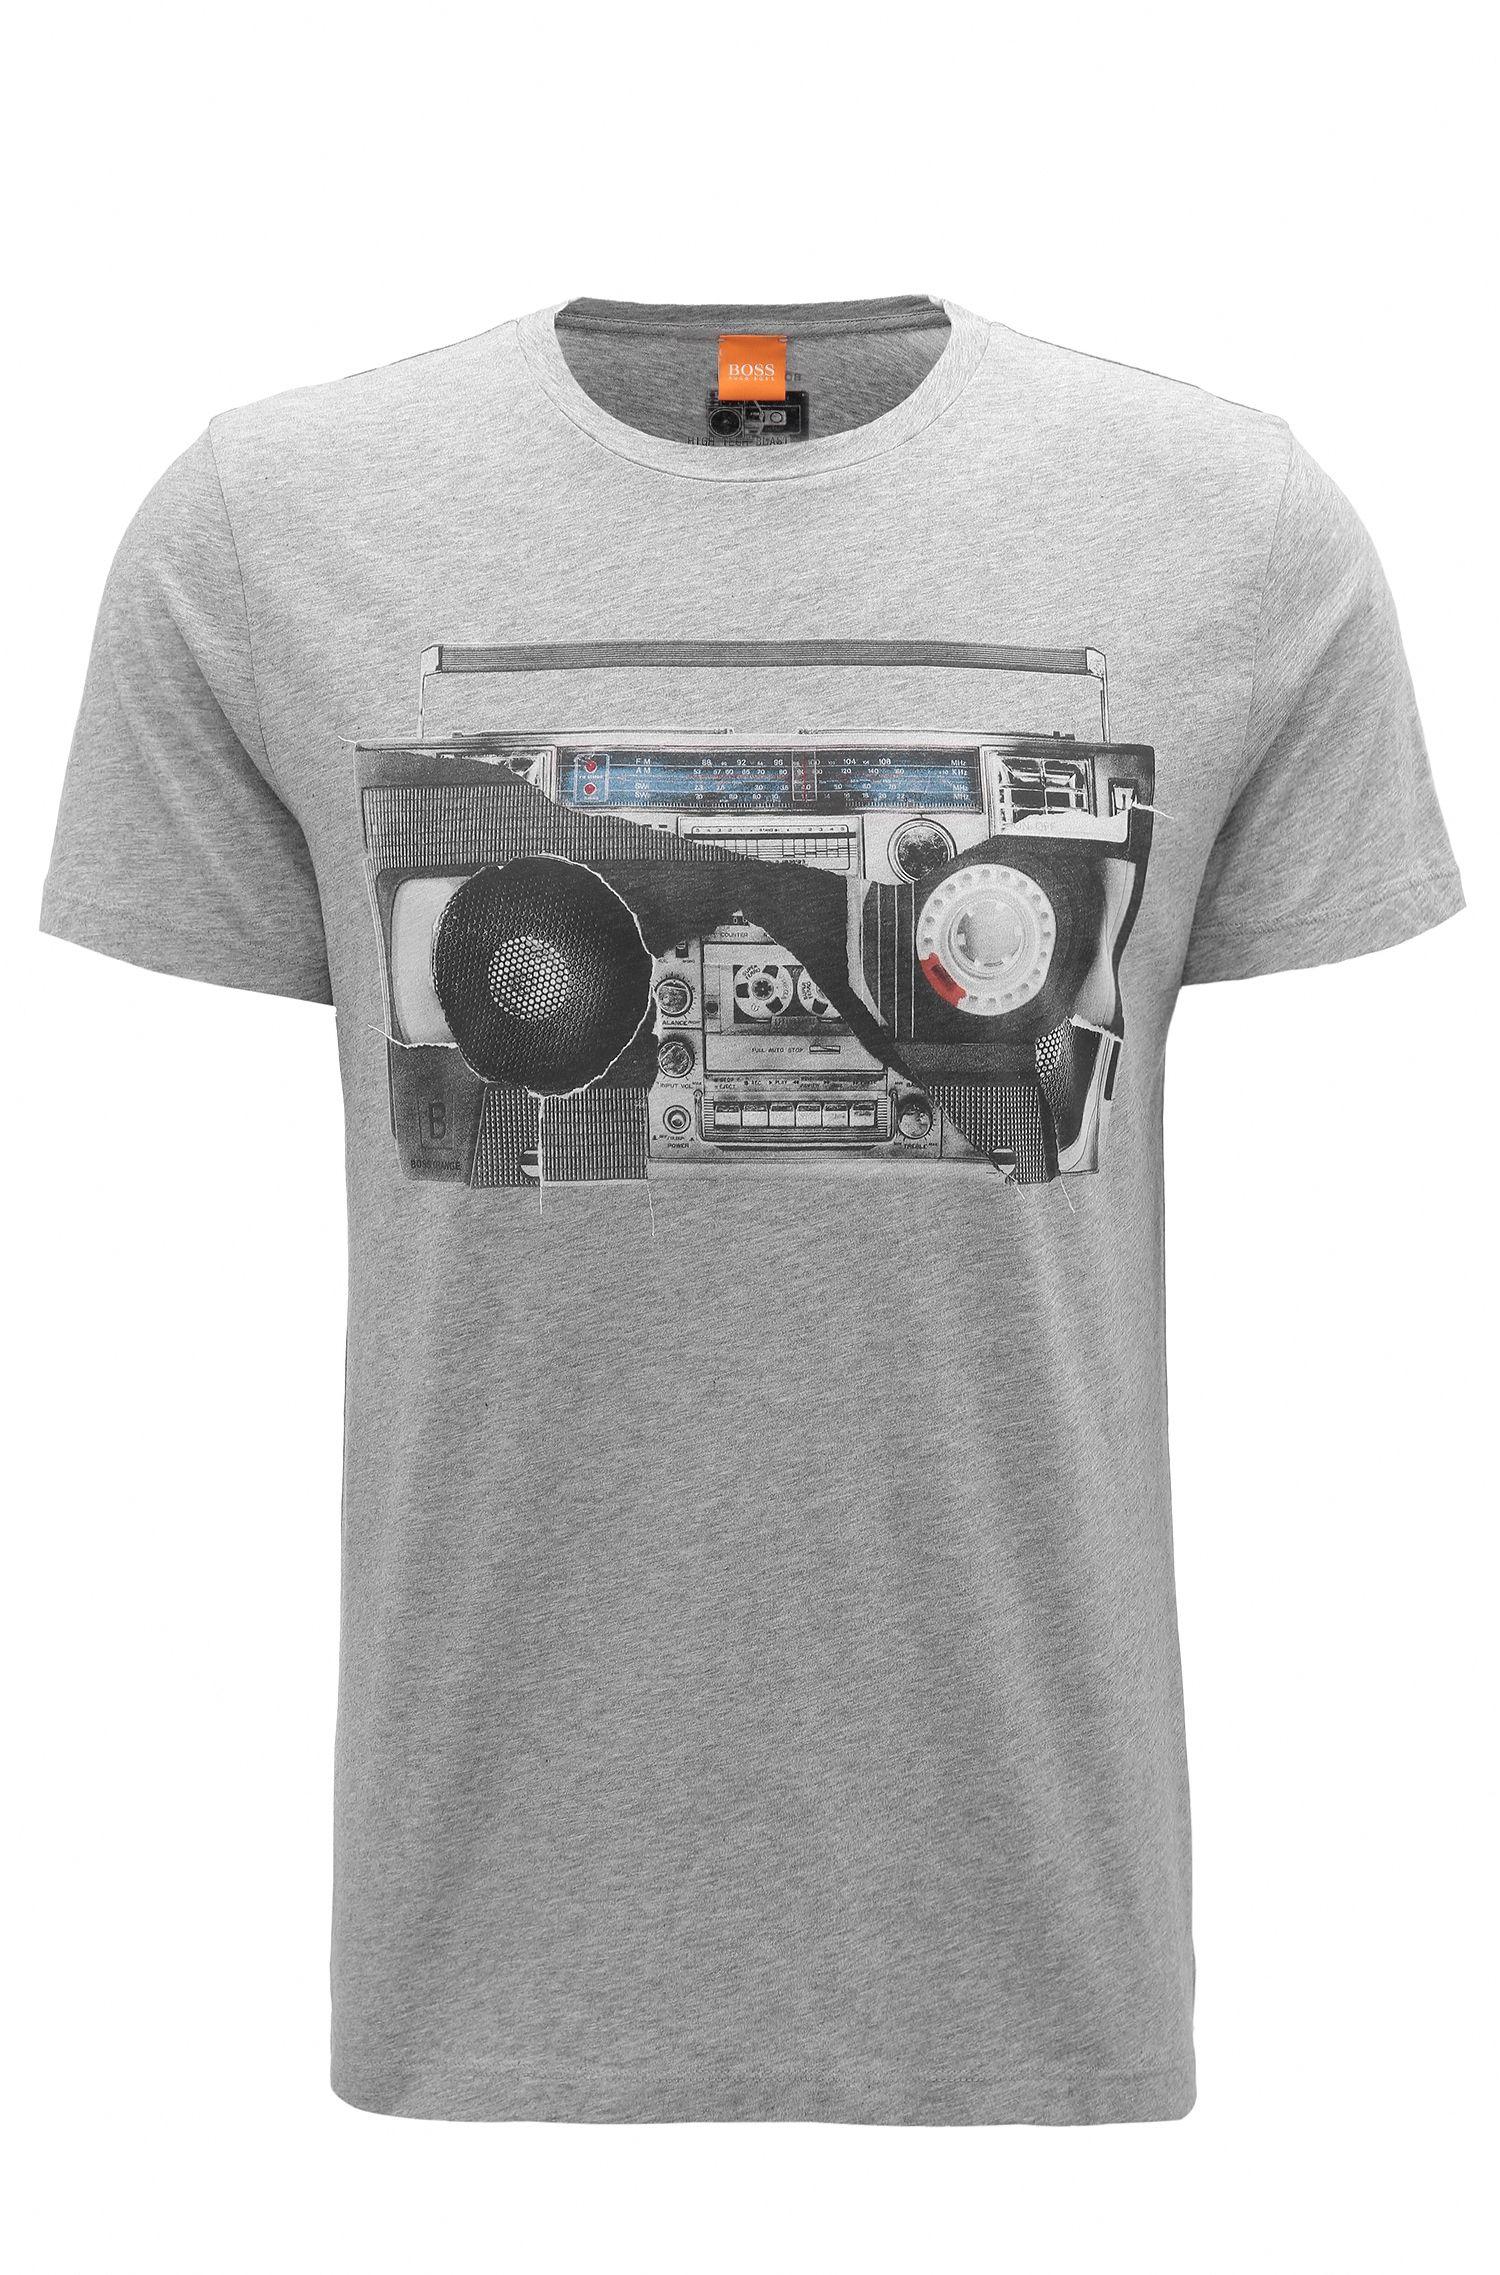 Regular-Fit T-Shirt aus Baumwolle mit Digital-Print